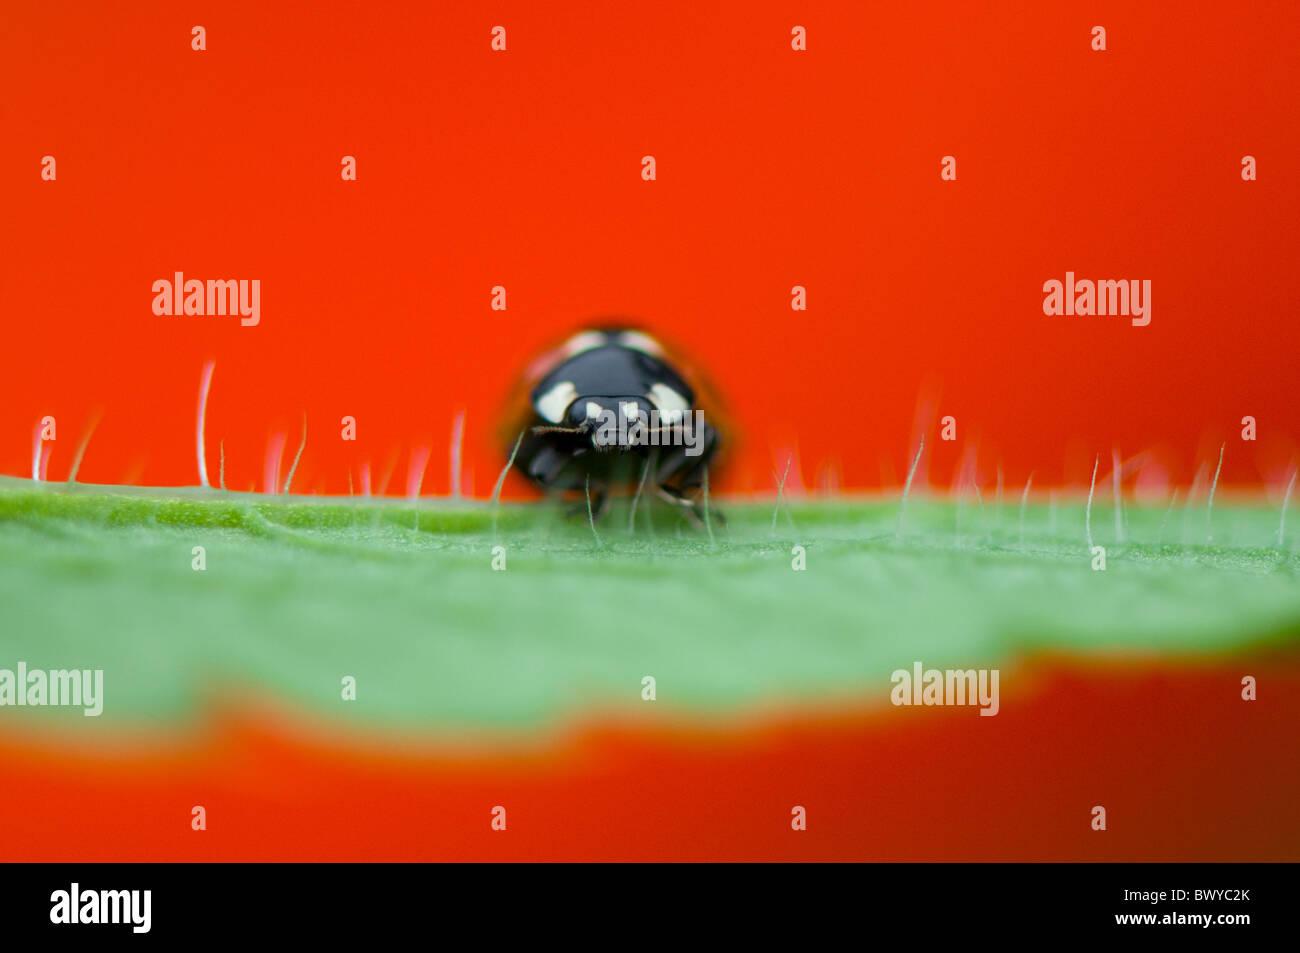 Cerca, imagen macro de una 7-spot mariquita - coccinella septempunctata descansando sobre el rojo vibrante pétalo Imagen De Stock